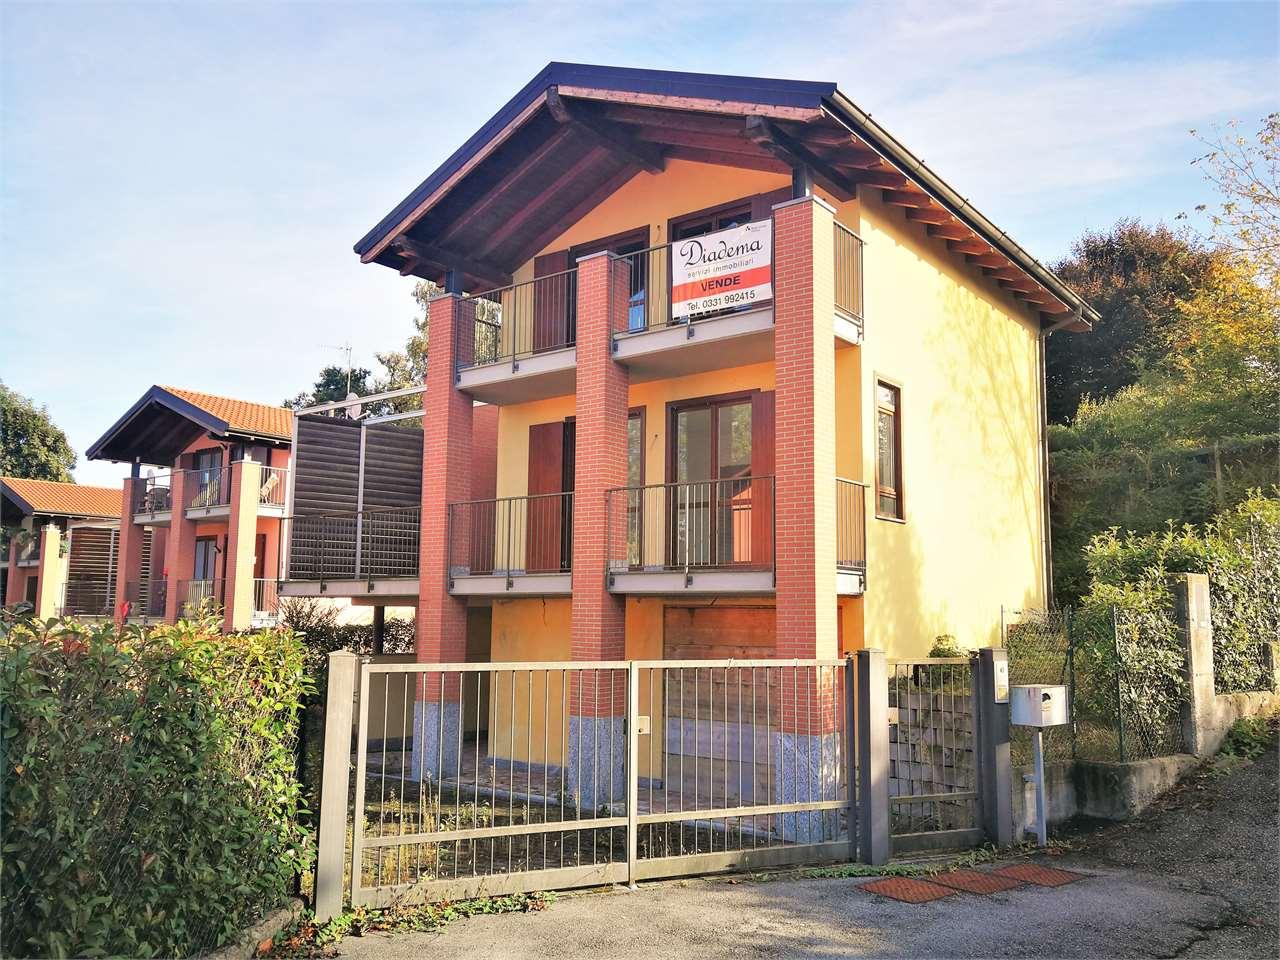 Villa in vendita a Bodio Lomnago, 7 locali, prezzo € 250.000 | CambioCasa.it